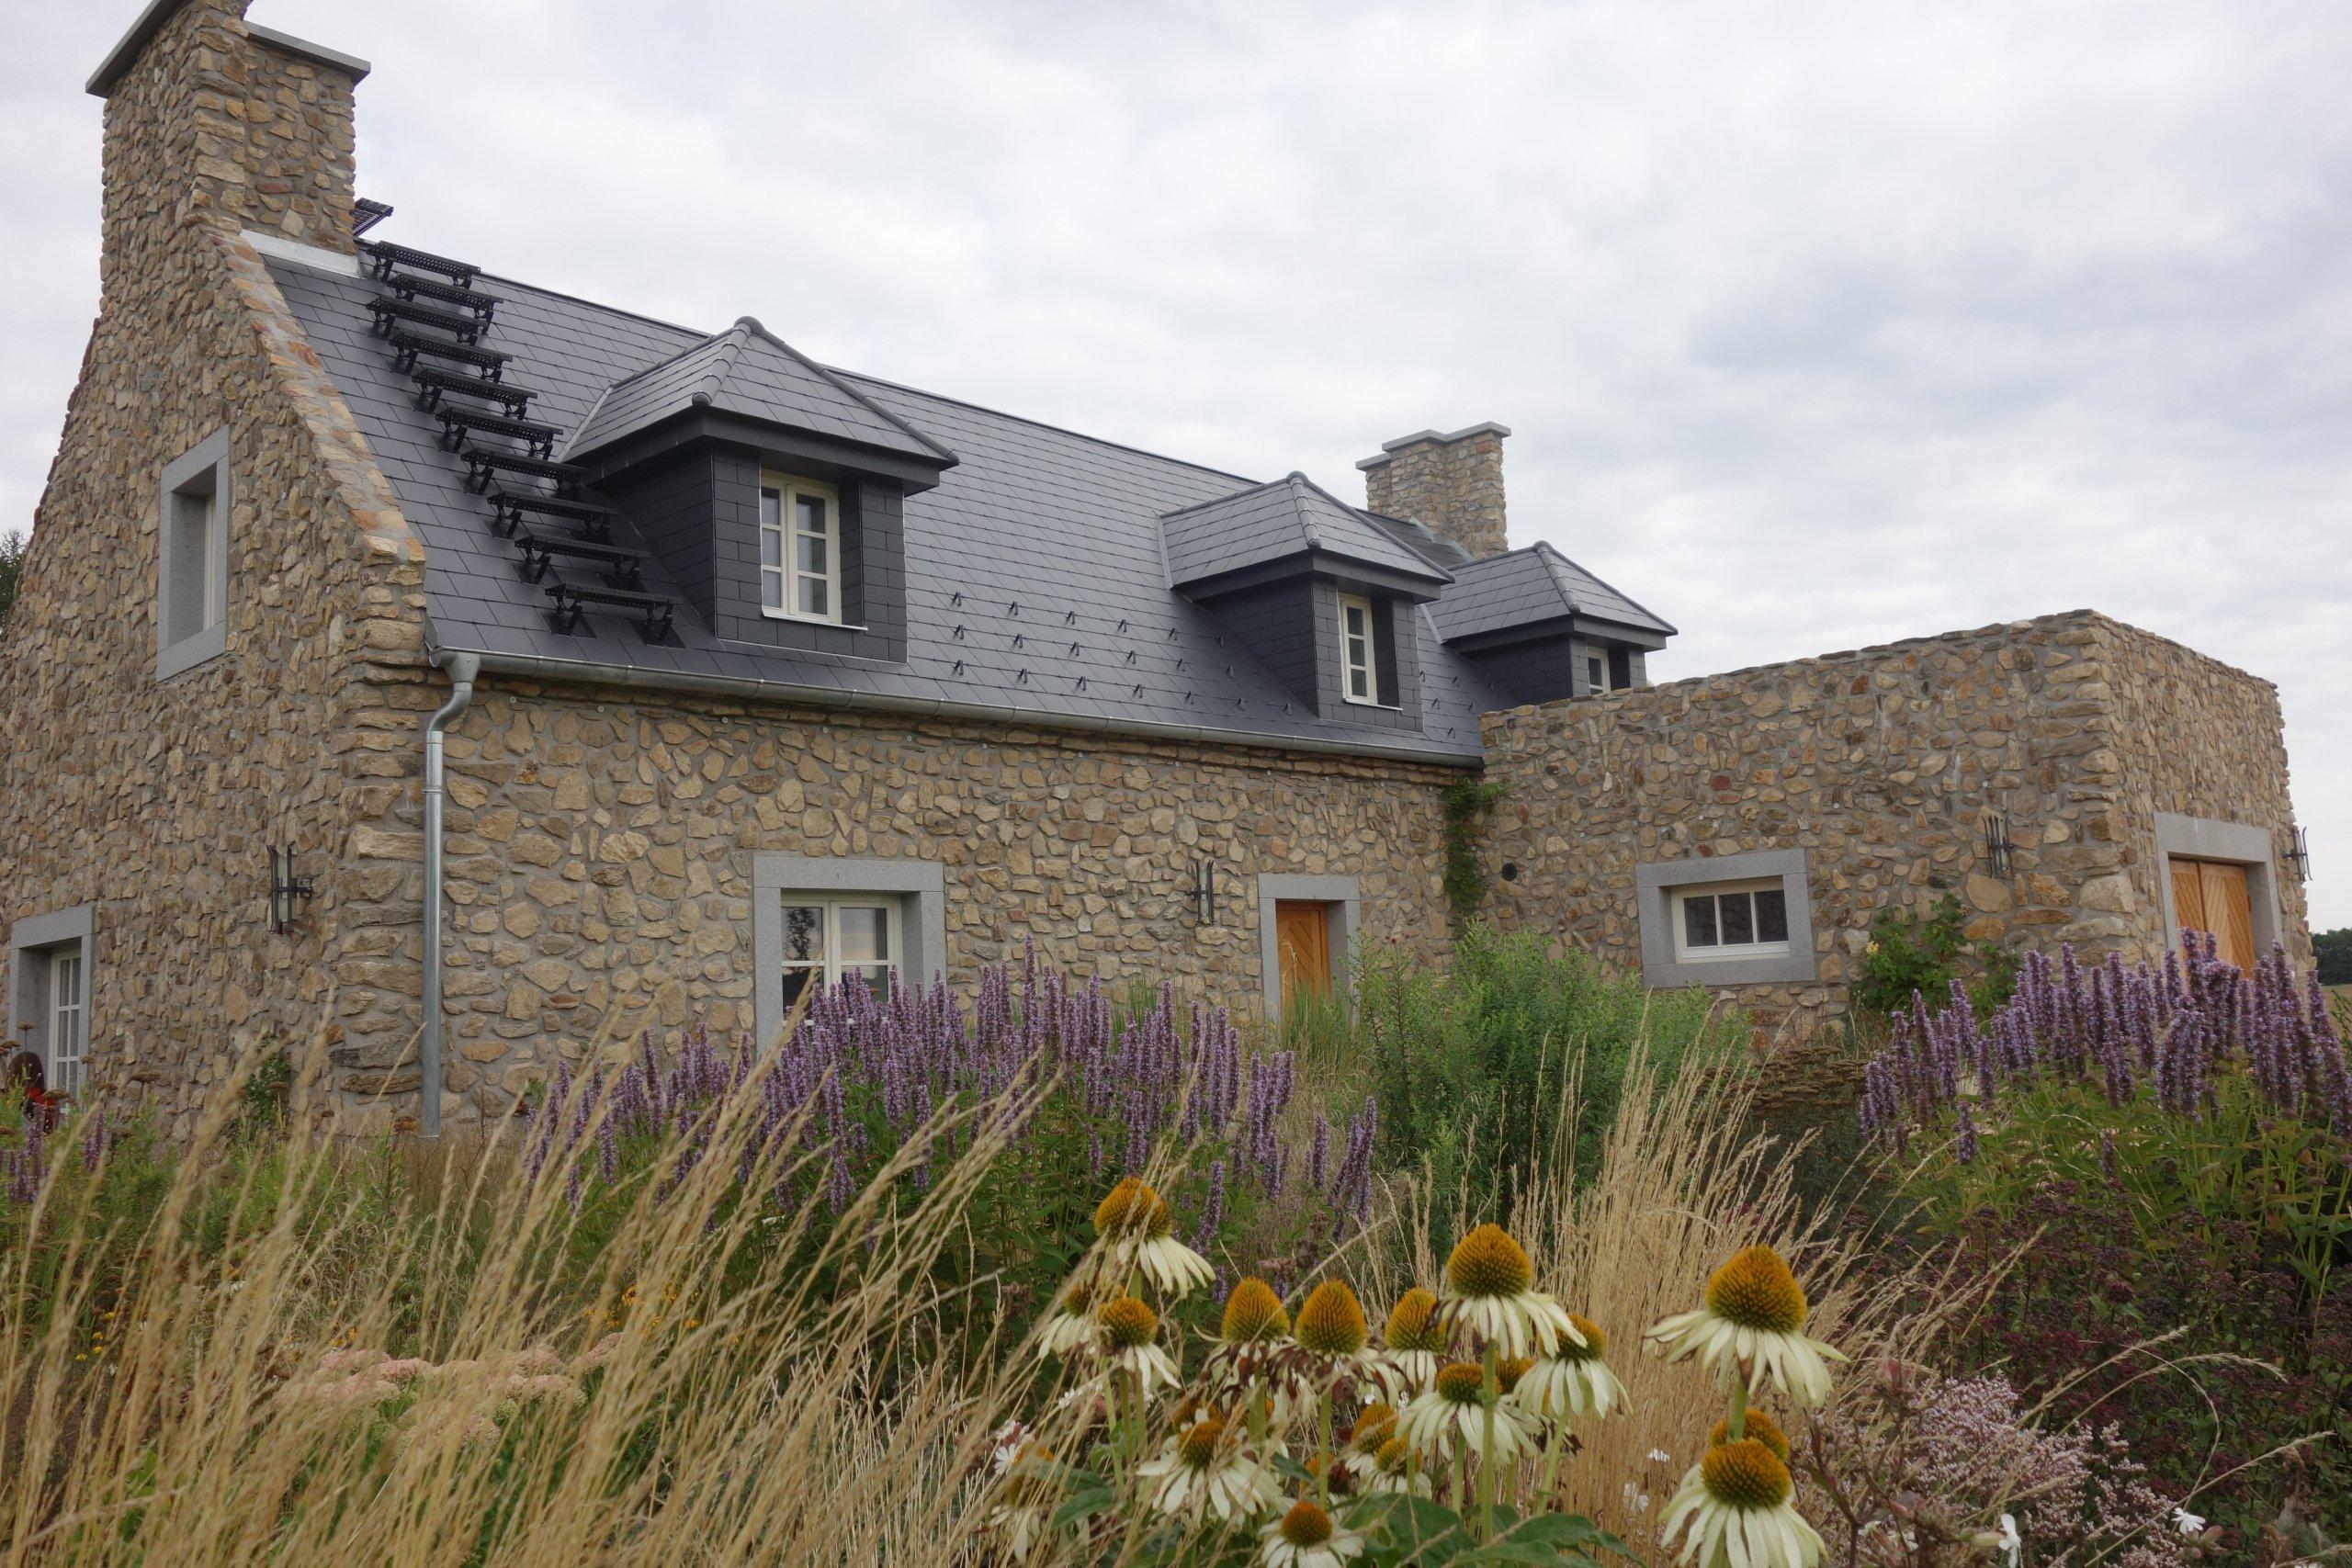 Zahrada byla navržena a zrealizována u novostavby krásného kamenného domu inspirovaného Bretaní. Svažité a lemující oblasti jsou pokryty lučním porostem.…